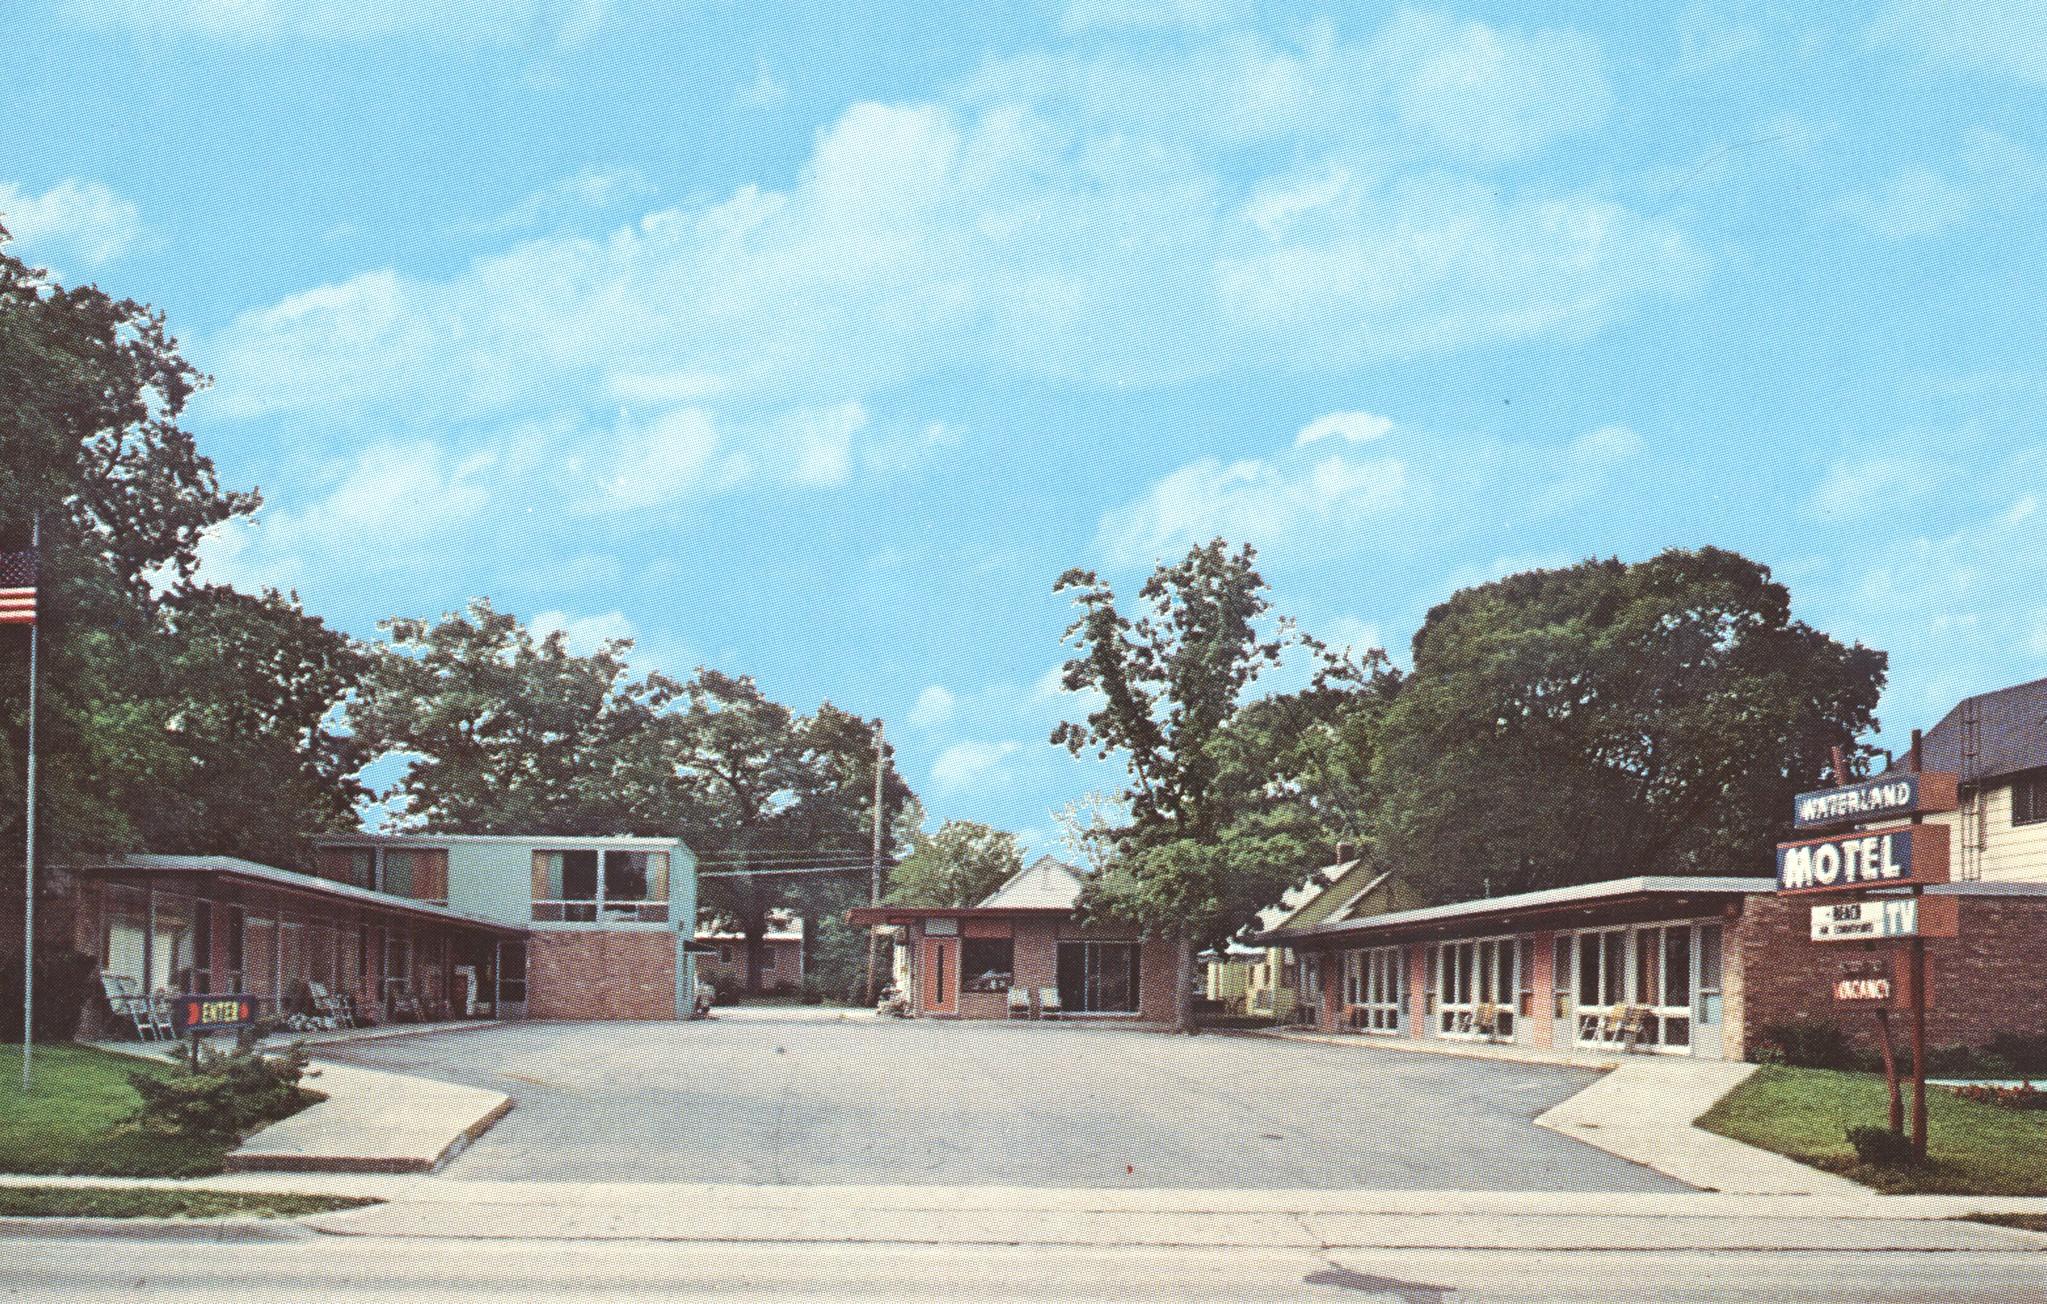 Waterland Motel - Traverse City, Michigan